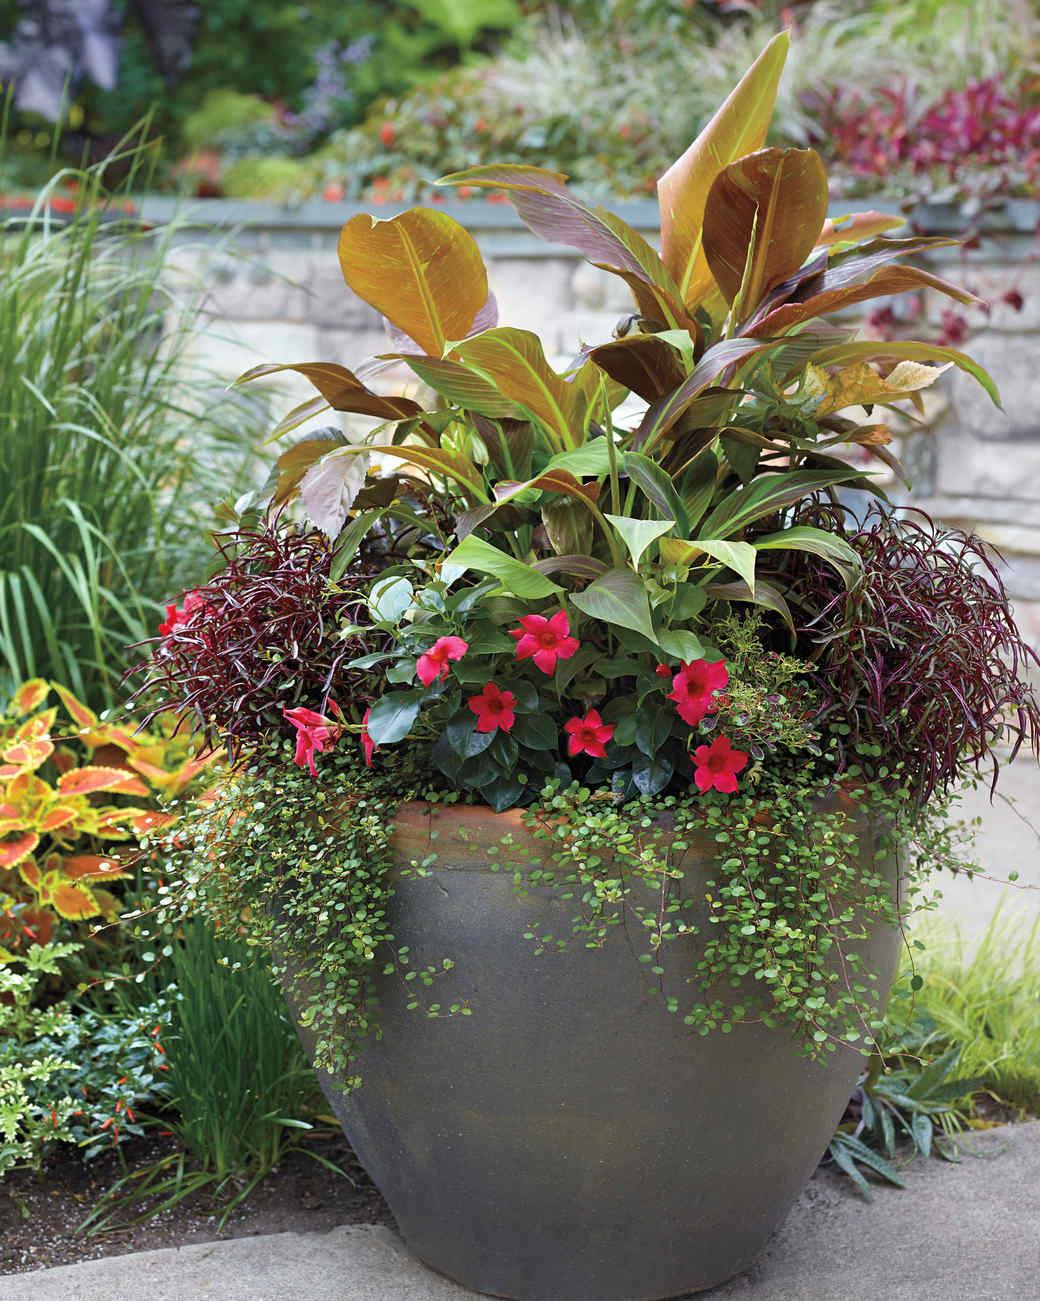 tangletown-gardens-minnesota-083-d111526.jpg